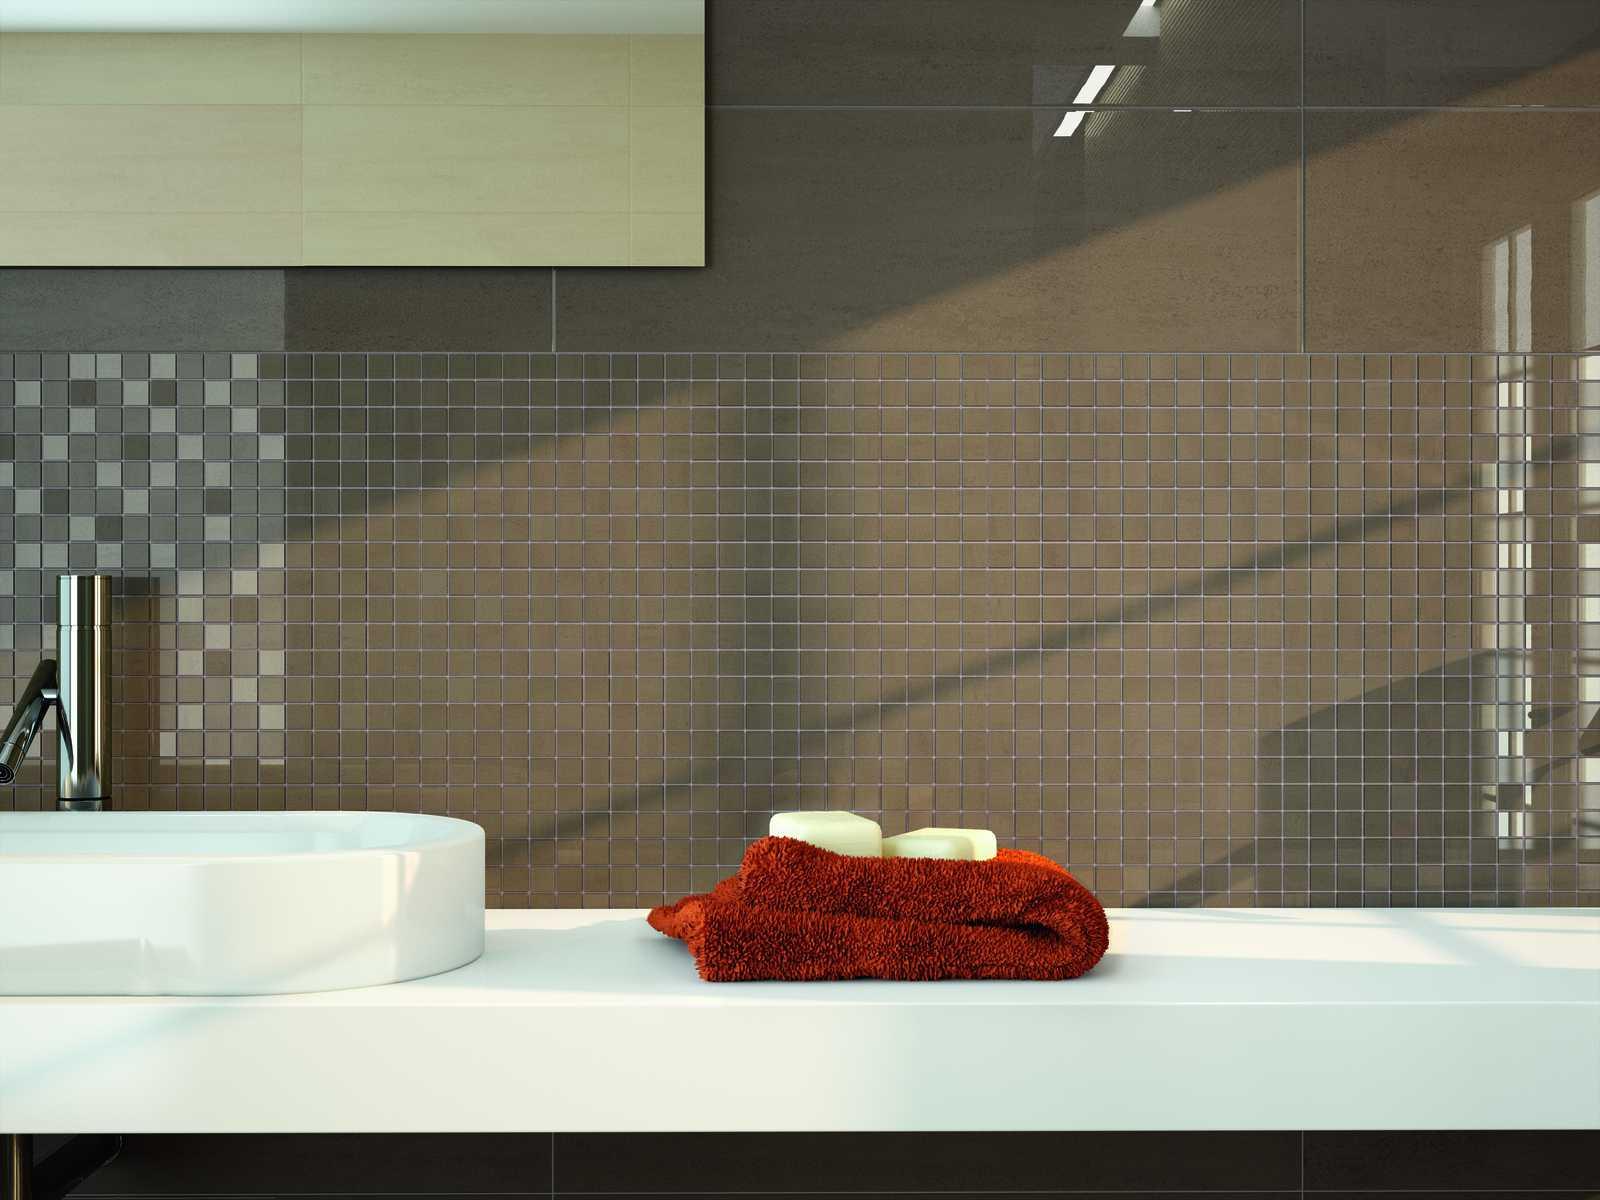 Dressy - Ceramica per bagno e cucina | Marazzi